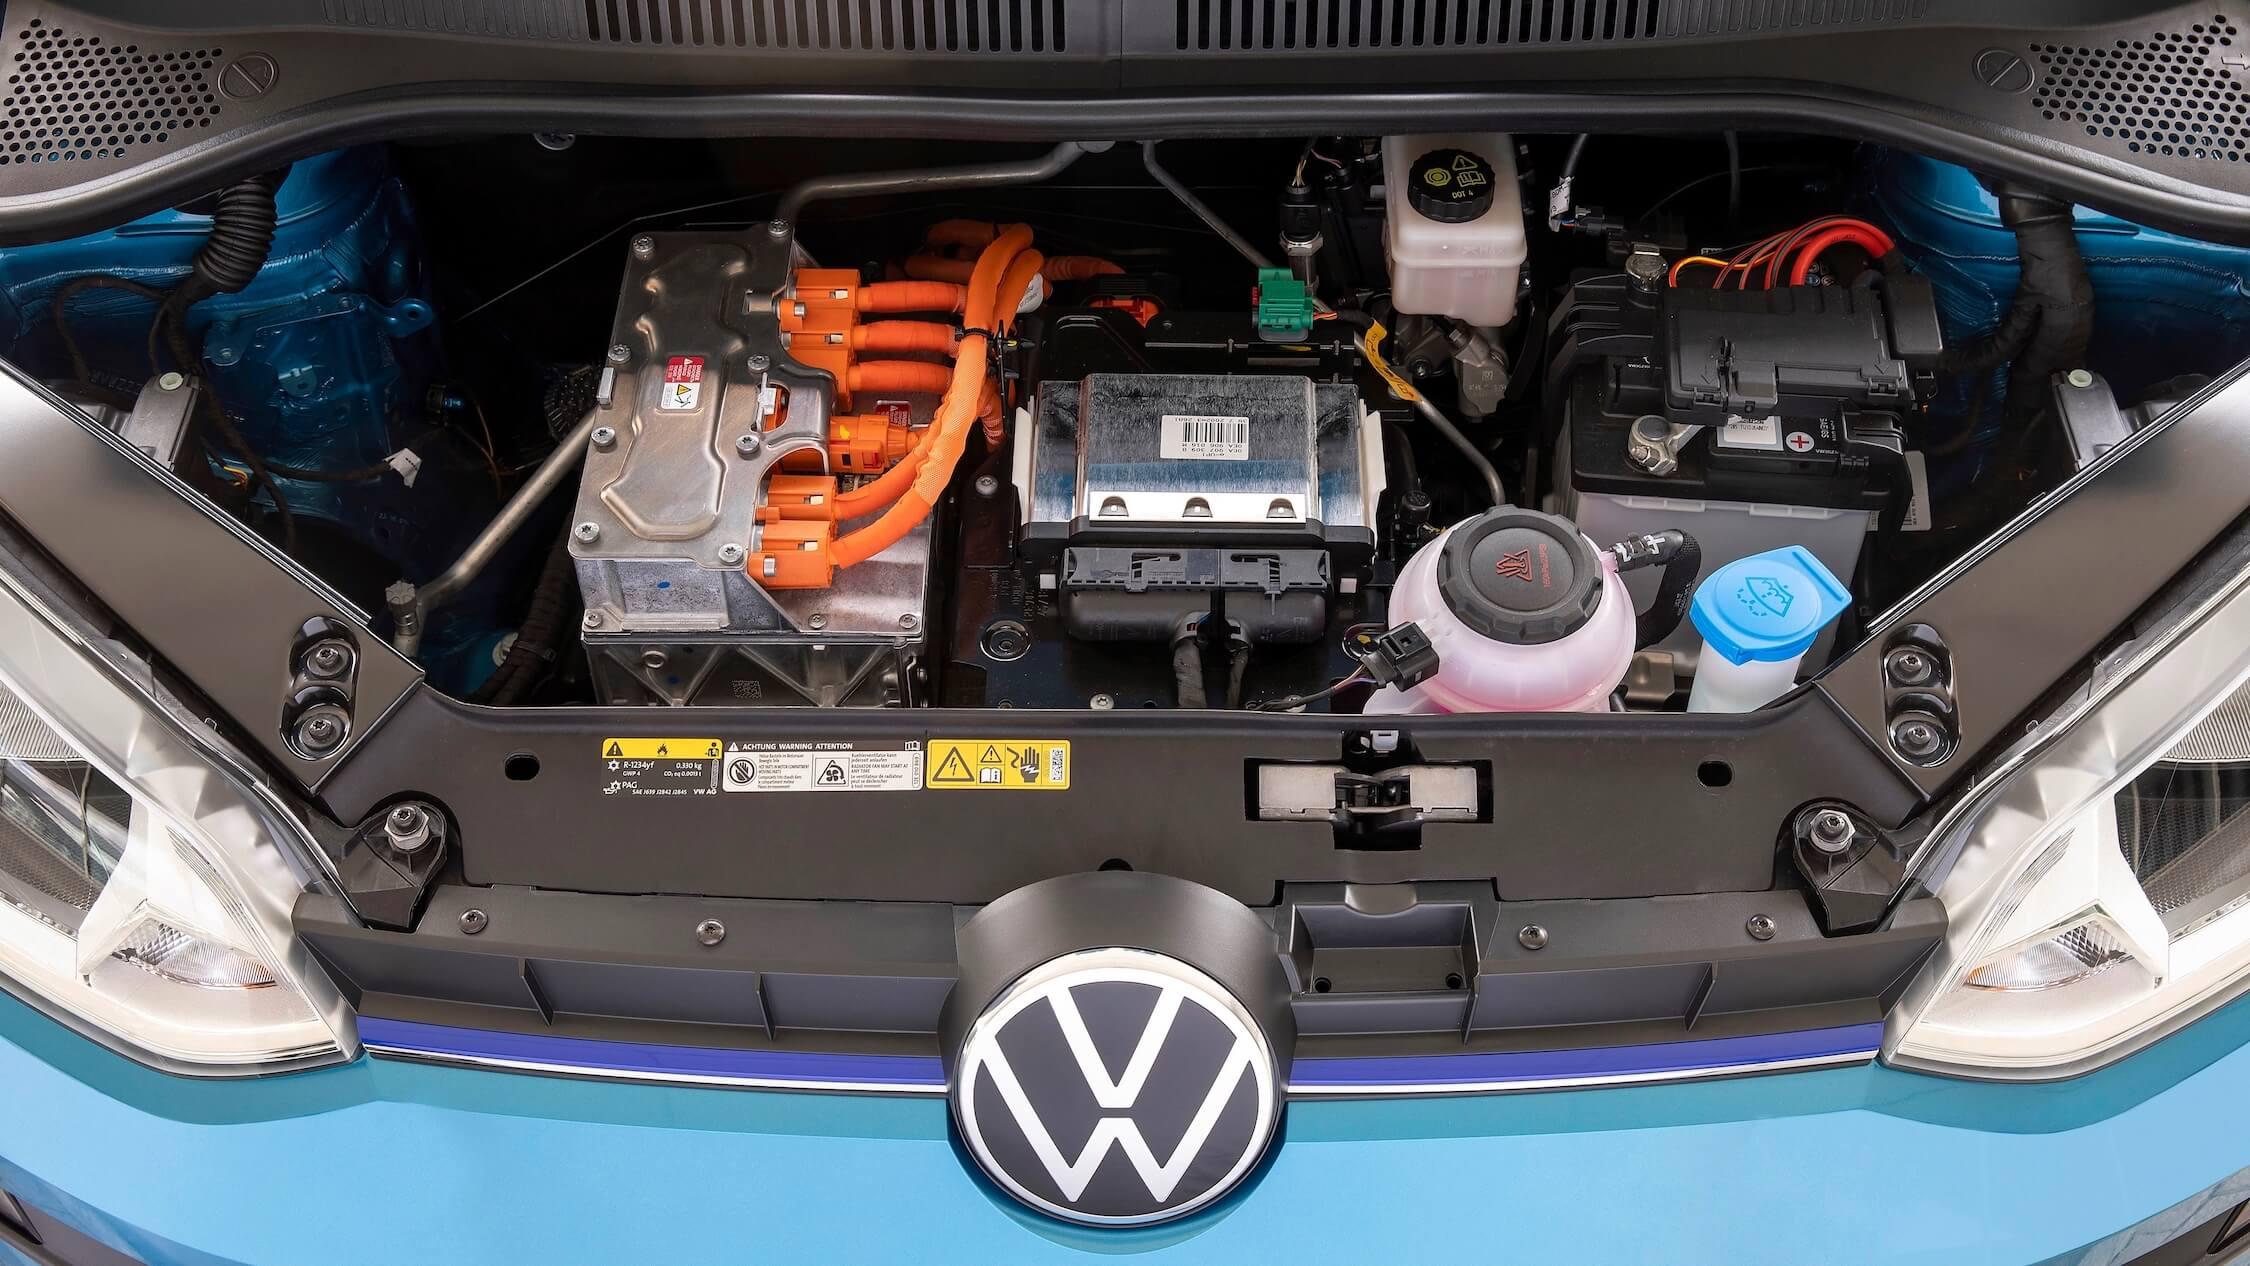 Volkswagen e-Up motor